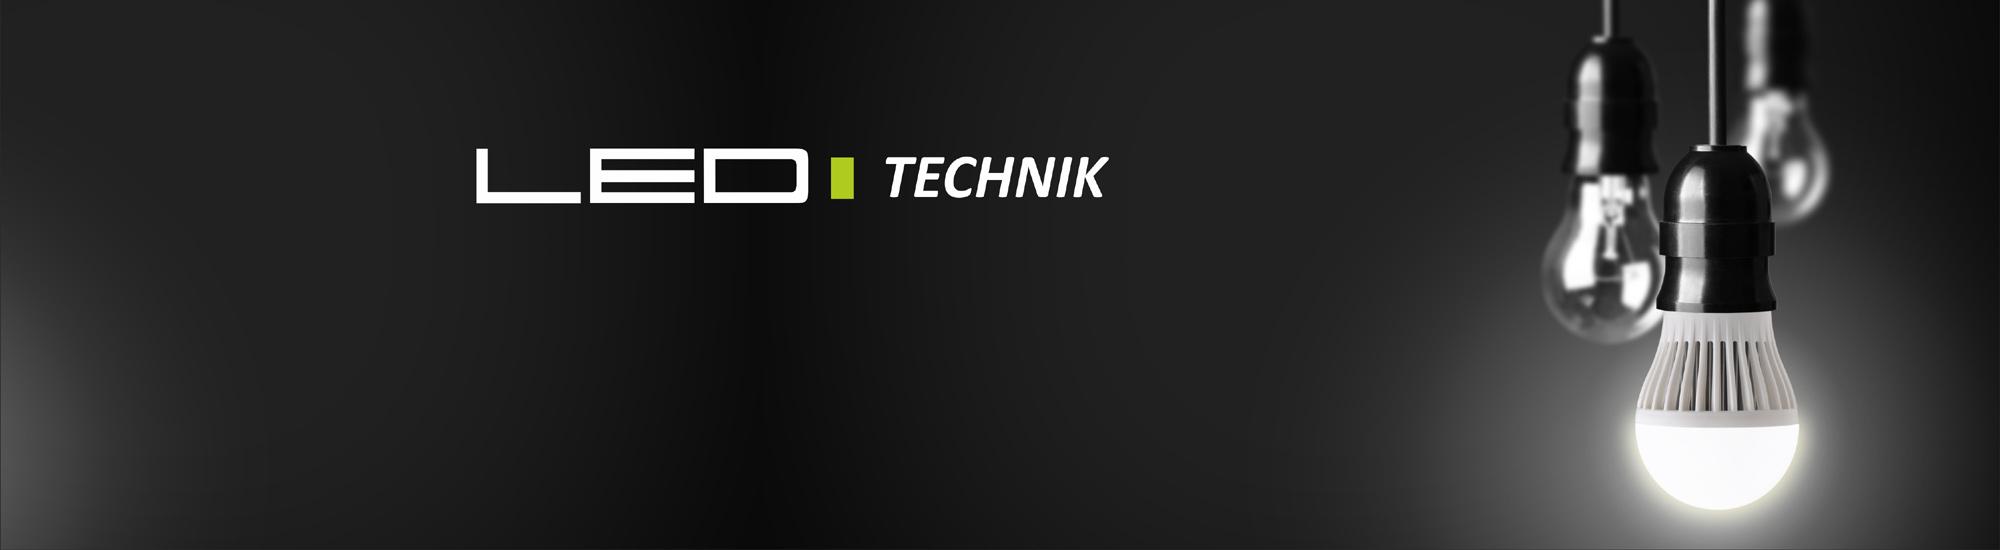 LED-Technik-02